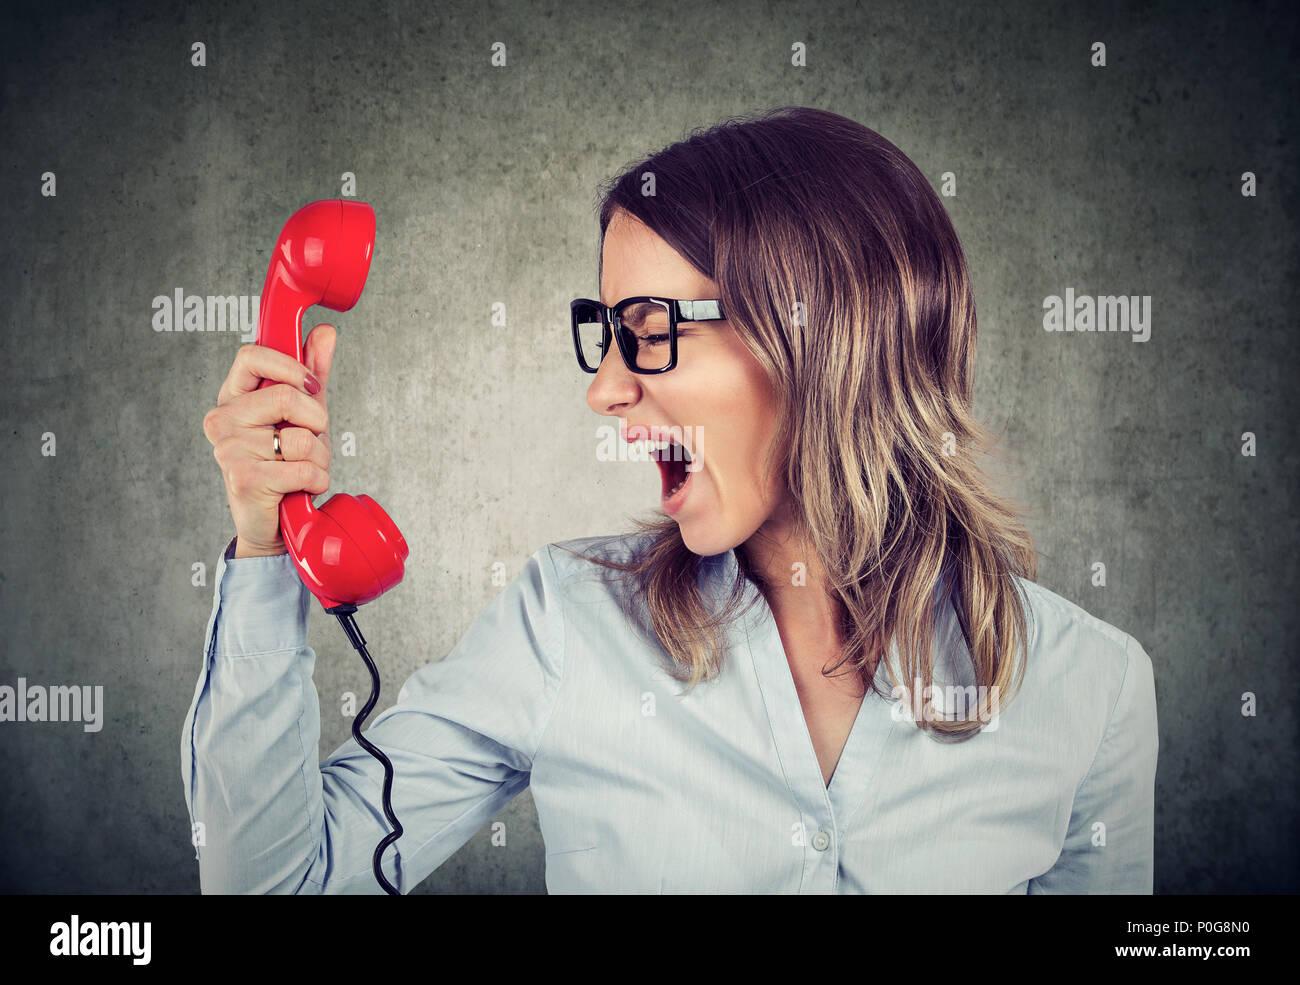 Retrato de una joven mujer de negocios furiosa gritando en el teléfono rojo Imagen De Stock